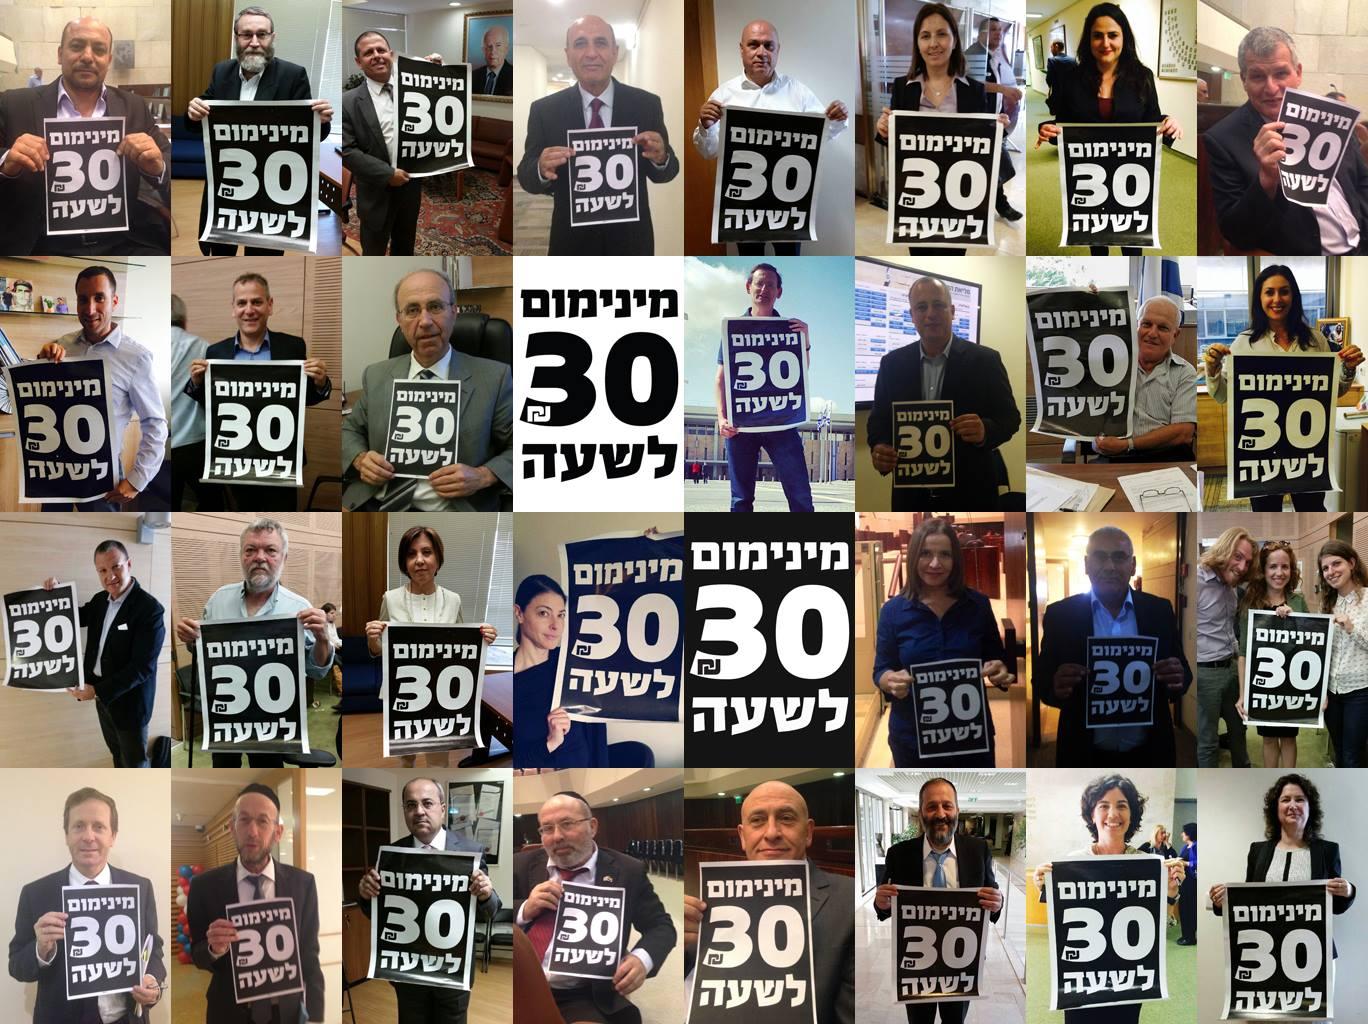 חברי הכנסת התומכים בהצעת החוק